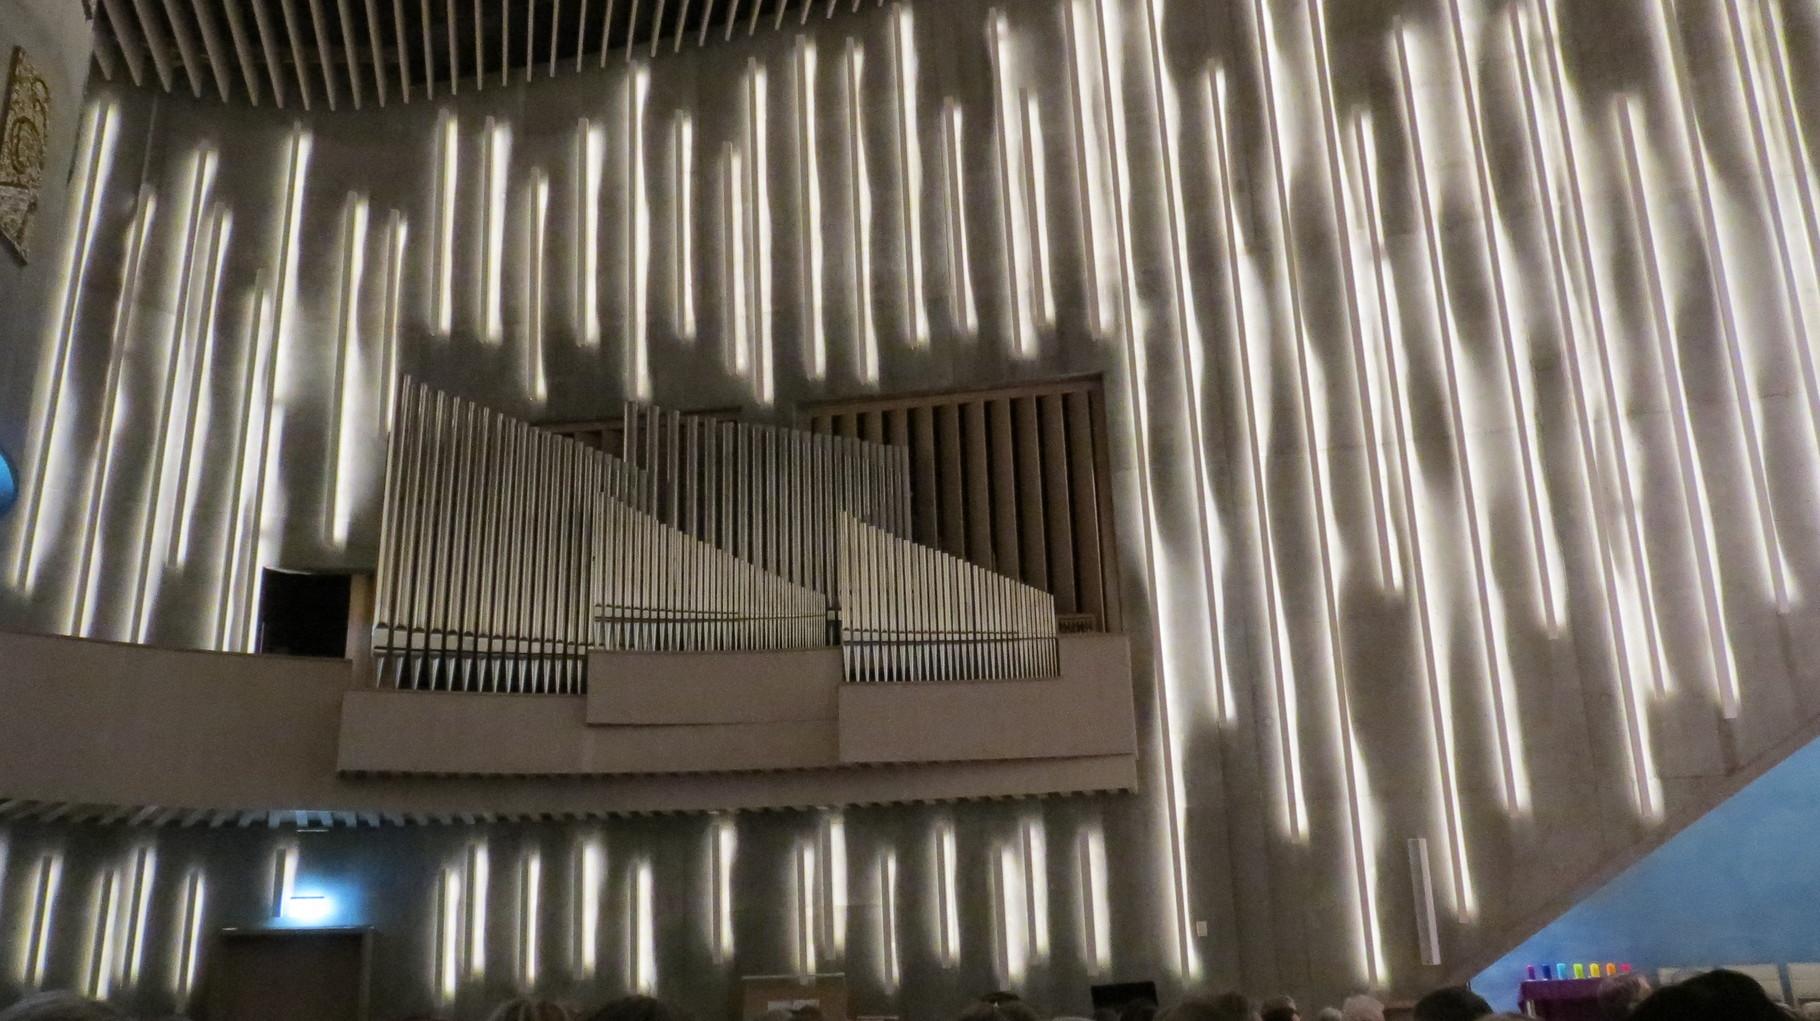 ... die sogar die Orgel mit einbeziehen und gleichzeitig noch den Klang gleichmäßig im Raum verteilen.